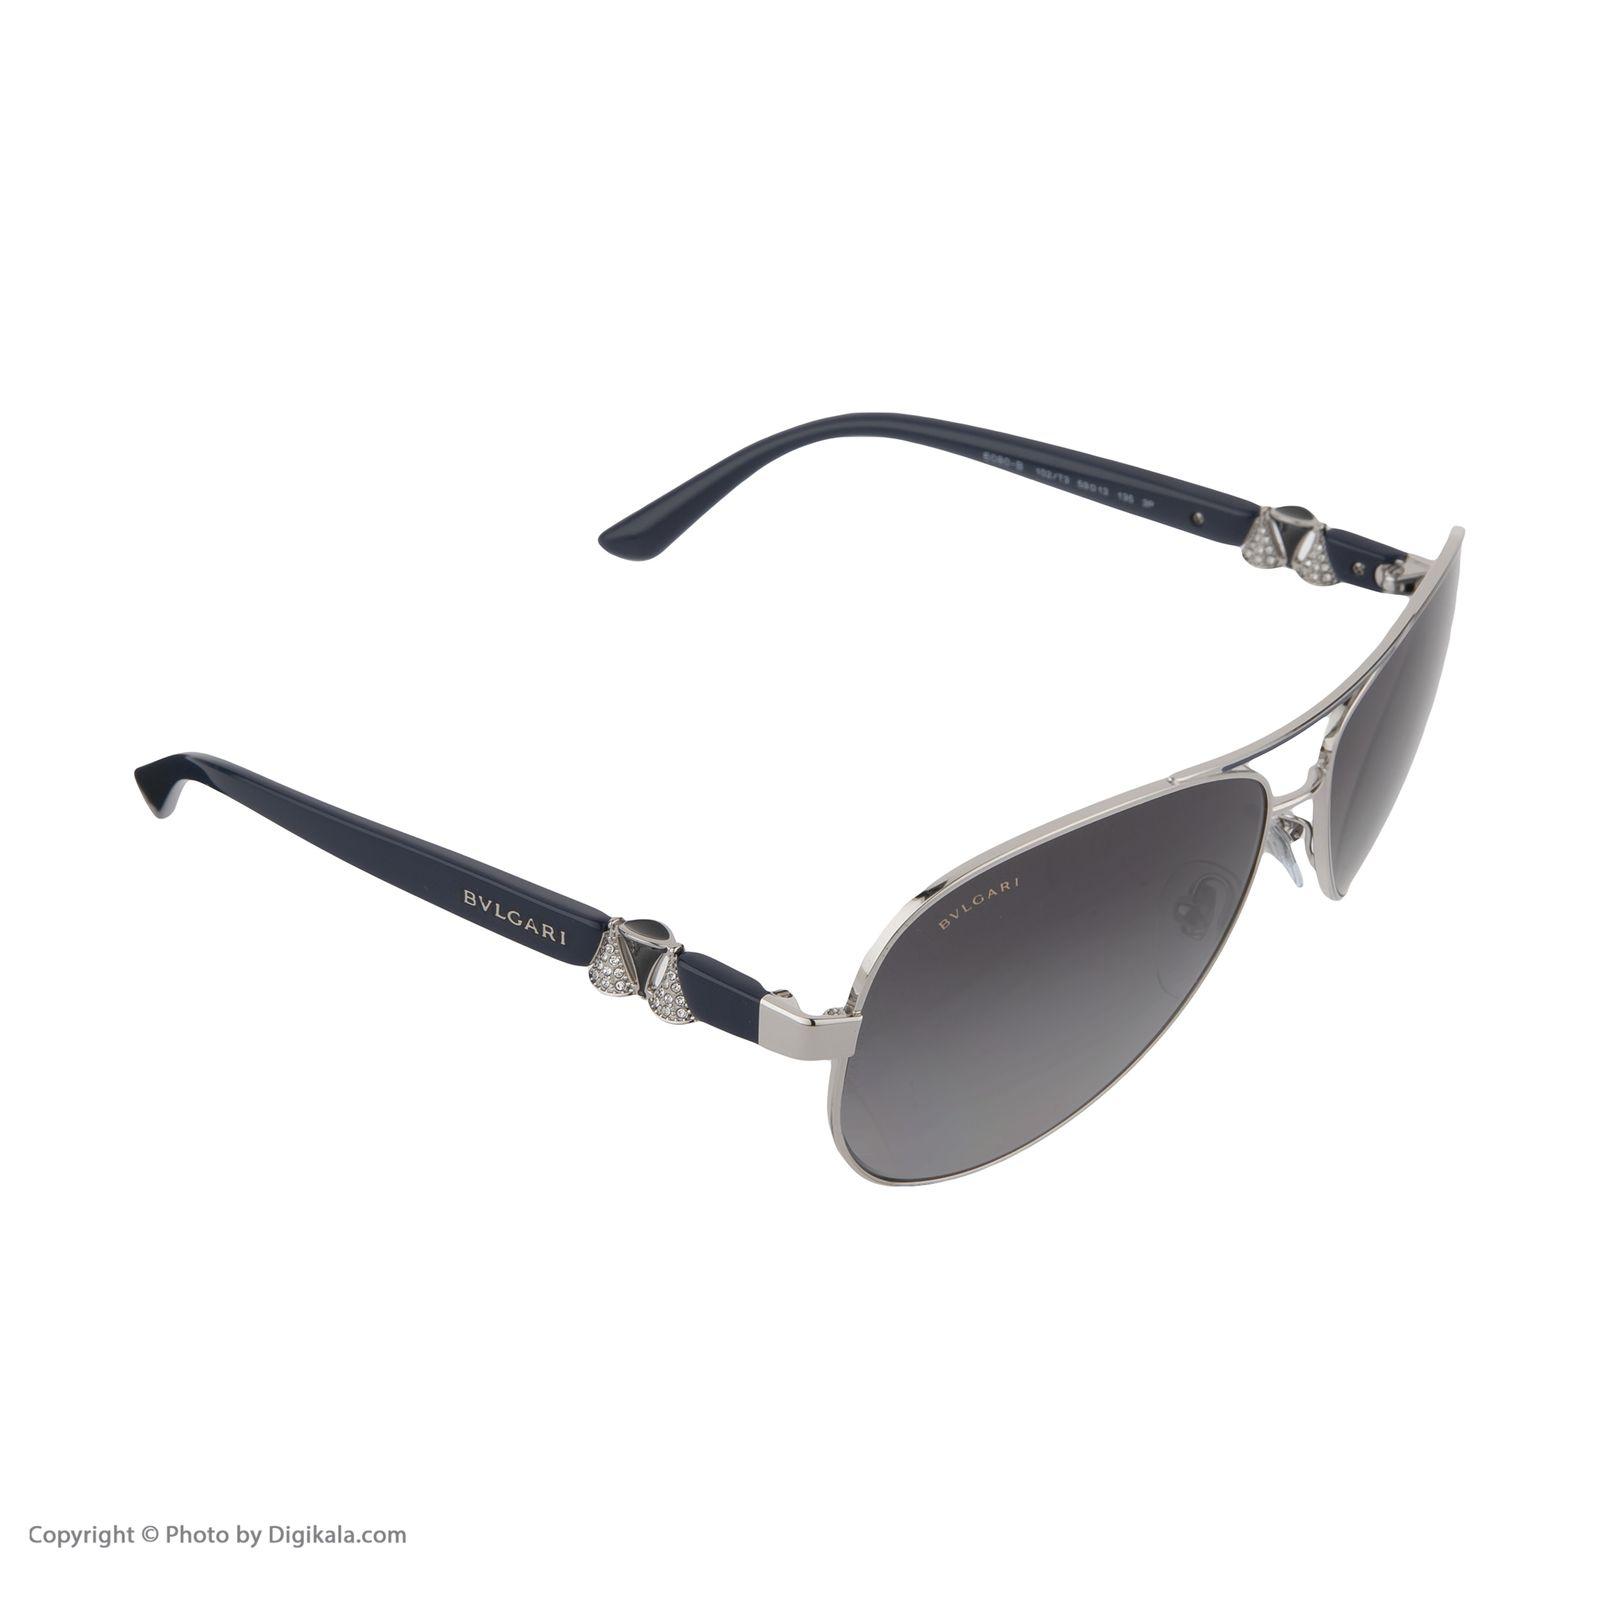 عینک آفتابی زنانه بولگاری مدل  BV6080B 0102T3 -  - 4